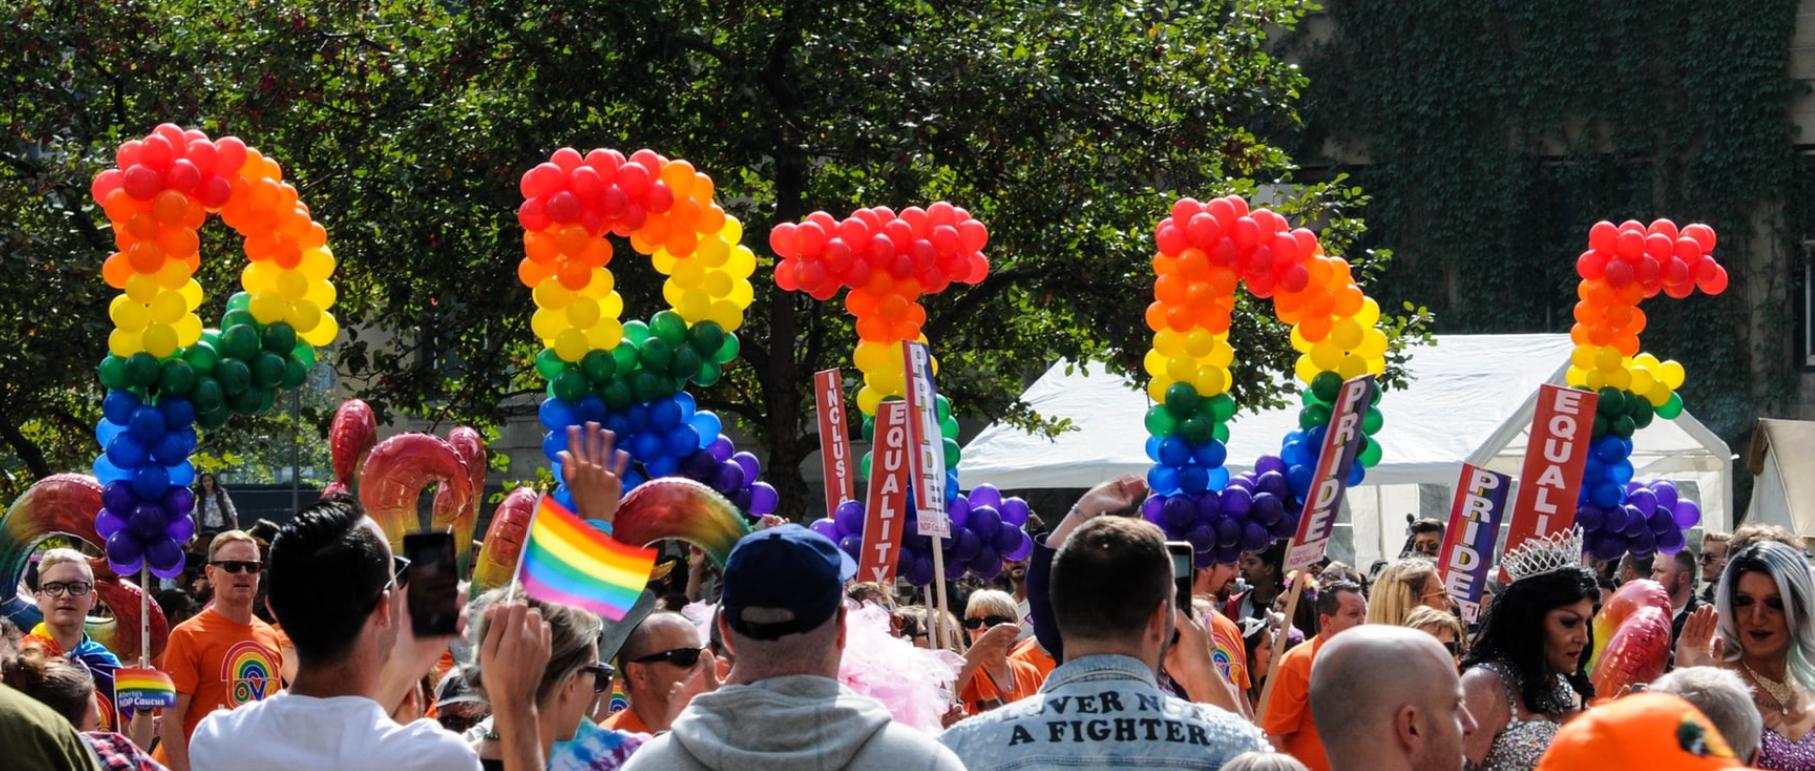 Karácsony nem bírt augusztusig várni a Pride köszöntésével